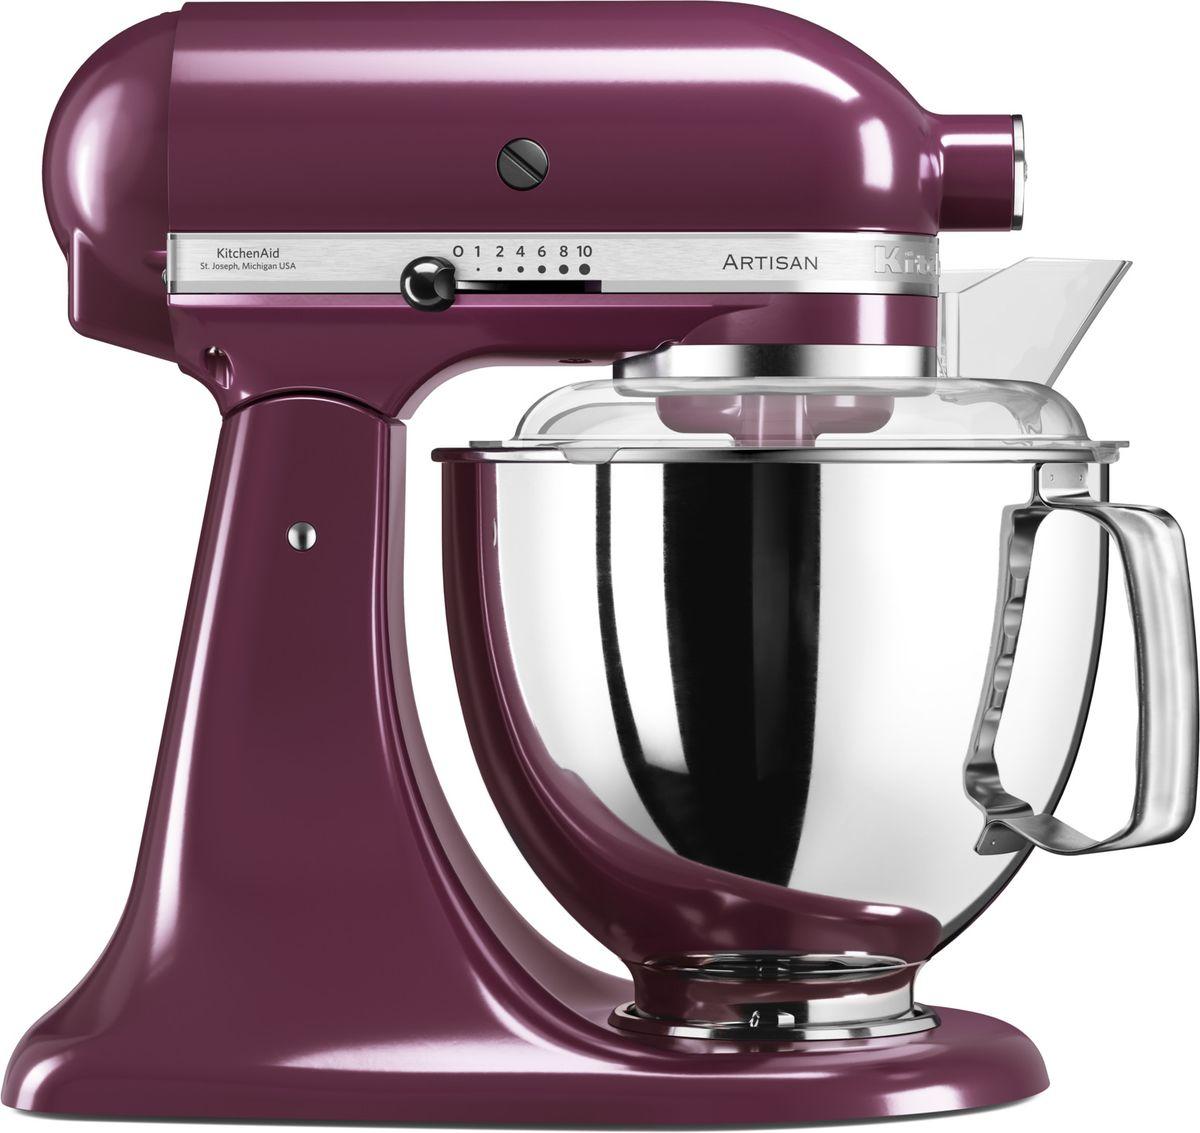 KitchenAid Artisan, Purple миксер планетарный (5KSM175PSEBY)5KSM175PSEBYМиксер KitchenAid Artisan - это уникальное многофункциональное устройство, практически не имеющее аналогов на рынке техники для дома и кухни. Сочетание классического элегантного дизайна и высокой мощности, соответствующей стандартам профессионального оборудования, делает этот миксер фаворитом не только на домашней кухне, но и на рабочем столе мастеров поварского искусства.Откидывающаяся головка миксера KitchenAid Artisan позволяет легко менять насадки и устанавливать чашу. Миксер имеет 10 скоростных режимов, от медленного смешивания до высокоскоростного взбивания. Базовая комплектация миксера включает: чашу объемом 4,83 литра, крюк для теста, венчик для взбивания, насадку-лопатку для перемешивания, крышку для чаши и защитный обод с воронкой для засыпания продуктов. Этого набора достаточно, чтобы миксер успешно выполнял базовые функции.В передней части привода миксера KitchenAid имеется еще одно гнездо для подсоединения дополнительных насадок. Они позволяют значительно расширить функции миксера, превращая его в настоящий кухонный комбайн. Планетарный миксер KitchenAid Artisan избавит вас от необходимости покупать несколько разных бытовых приборов для кухни. Его высокая мощность и уникальная конструкция позволяют готовить даже сложные блюда на высоком профессиональном уровне.Процесс производства миксеров KitchenAid не оставляет сомнений в долговечности этого прибора. Литые детали механизма изготовлены из высококачественной стали. Ручная сборка и тщательная подгонка частей привода обеспечивают низкий уровень шума и вибрации, являются гарантией безупречной работы прибора. Цельнометаллический корпус покрывается прочной цветной эмалью, устойчивой к механическим повреждениям, которая сохраняет привлекательный внешний десятилетиями. Классический дизайн миксеров KitchenAid Artisan станет украшением интерьера любой кухни. Одна из отличительных особенностей этой серии - богатая цветовая гамма.